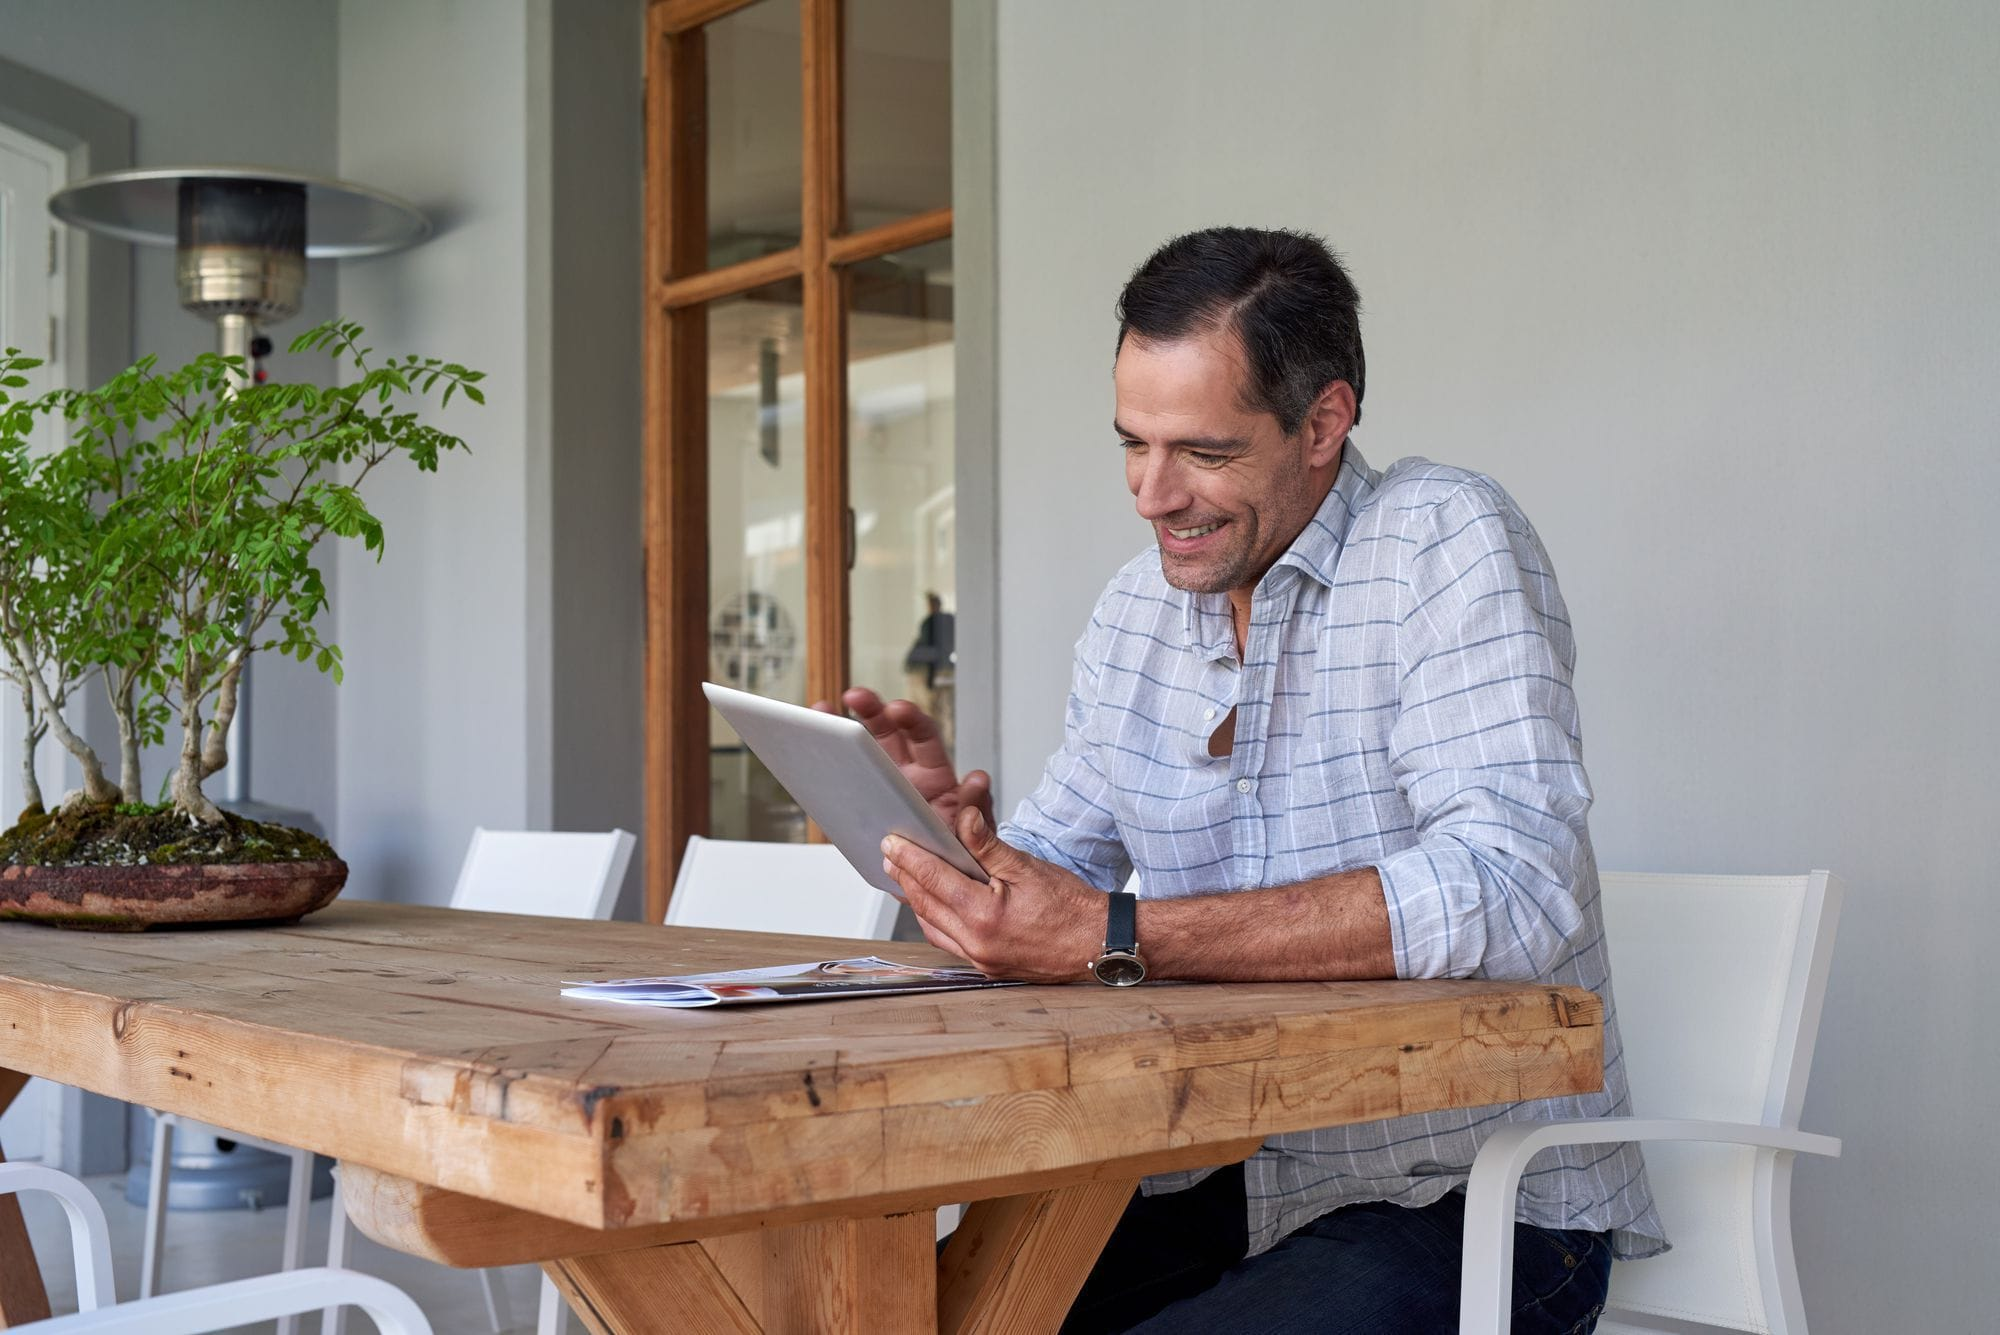 Palestras Motivacionais Conheça 8 Que Todo Empreendedor